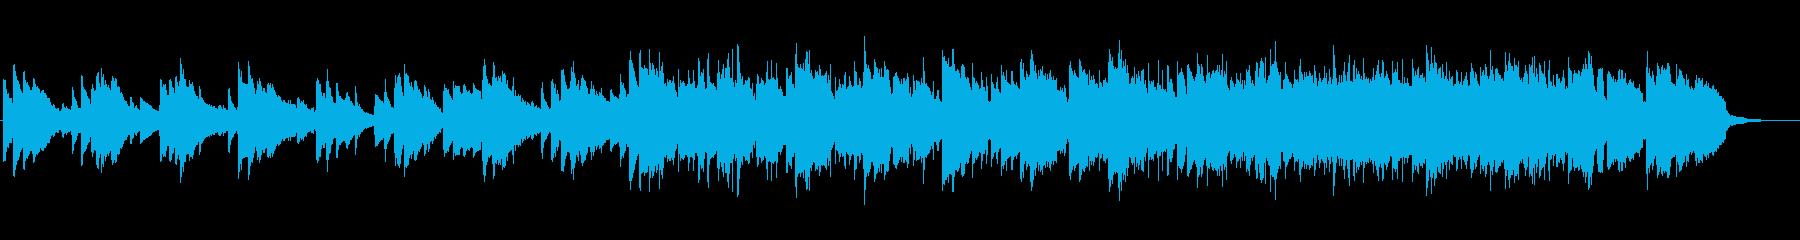 【アコギなし】優しい懐かしさのあるBGMの再生済みの波形